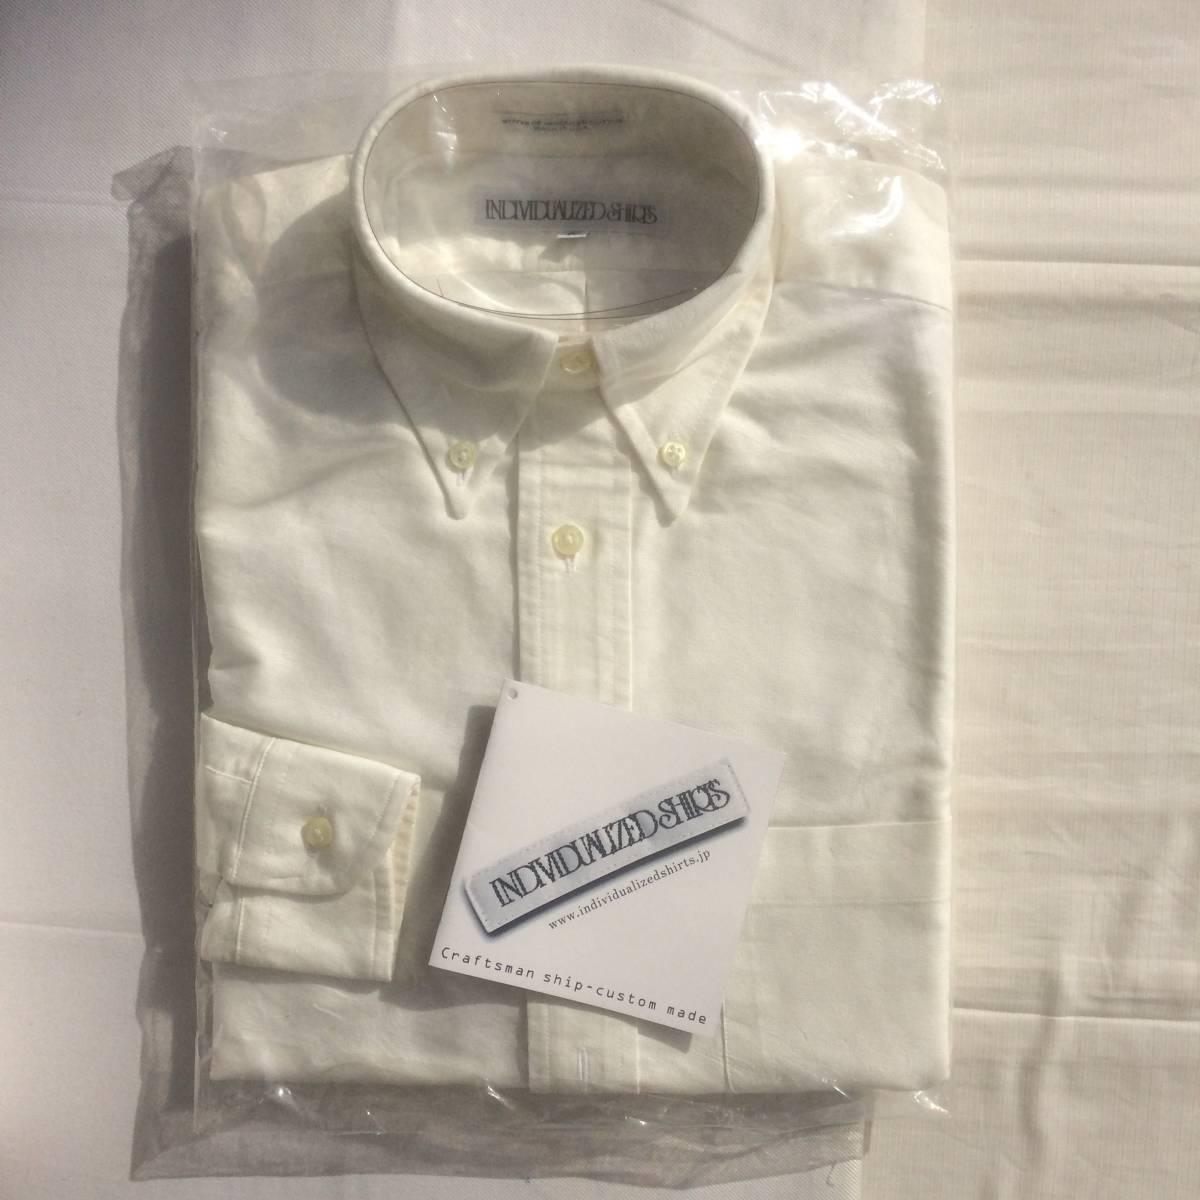 INDIVIDUALIZED SHIRTS インディビジュアライズドシャツ ダンリバー オックスフォード BD 白 ホワイト 長袖 シャツ xxs 13.5 usa製_画像3